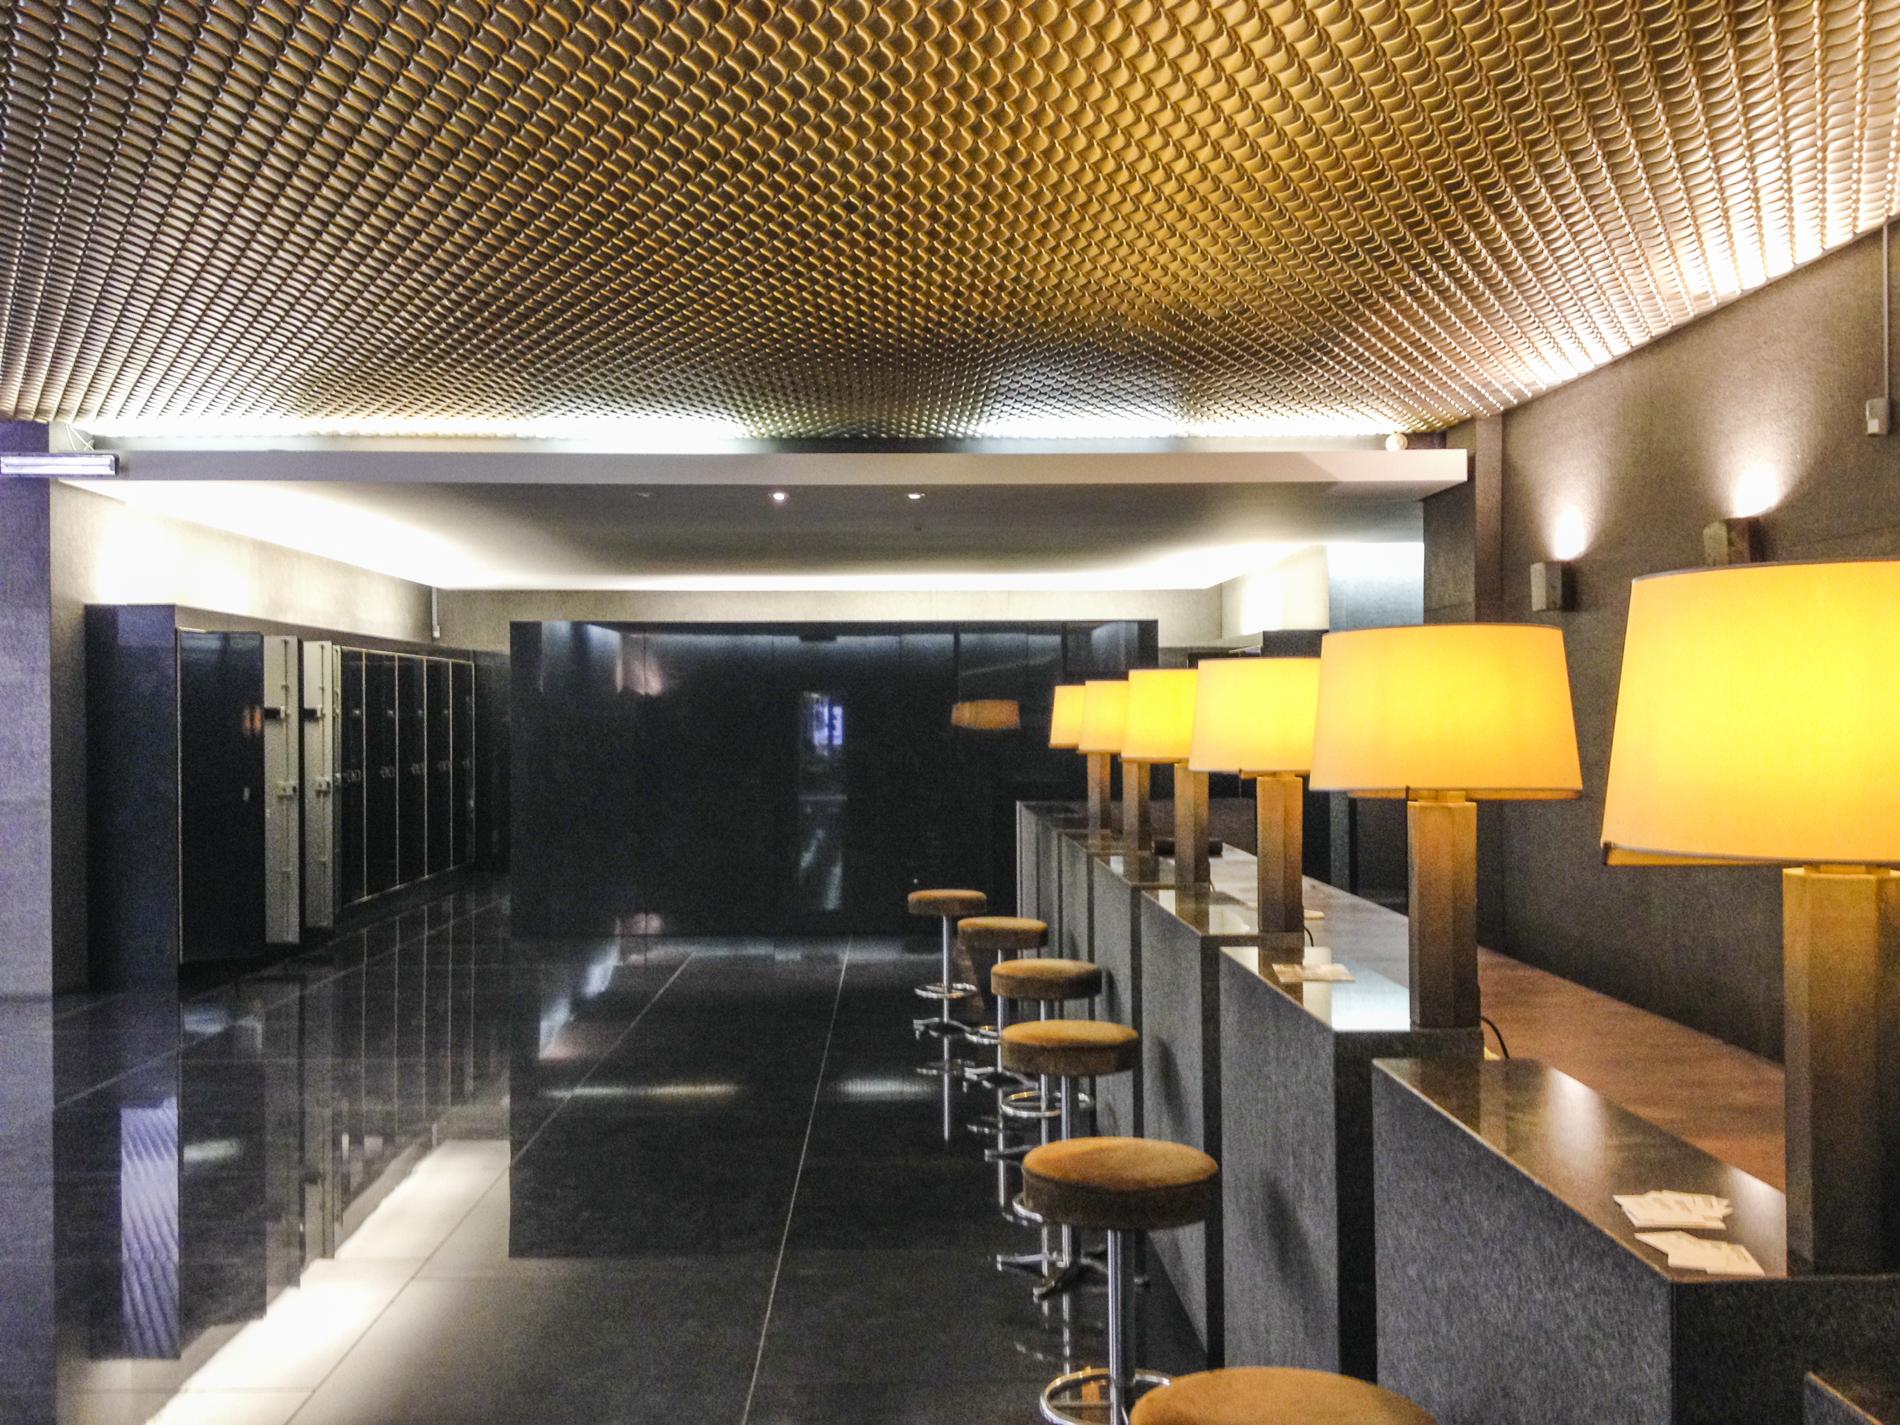 Jules Wabbes in Generale Bankgebouw Brussel